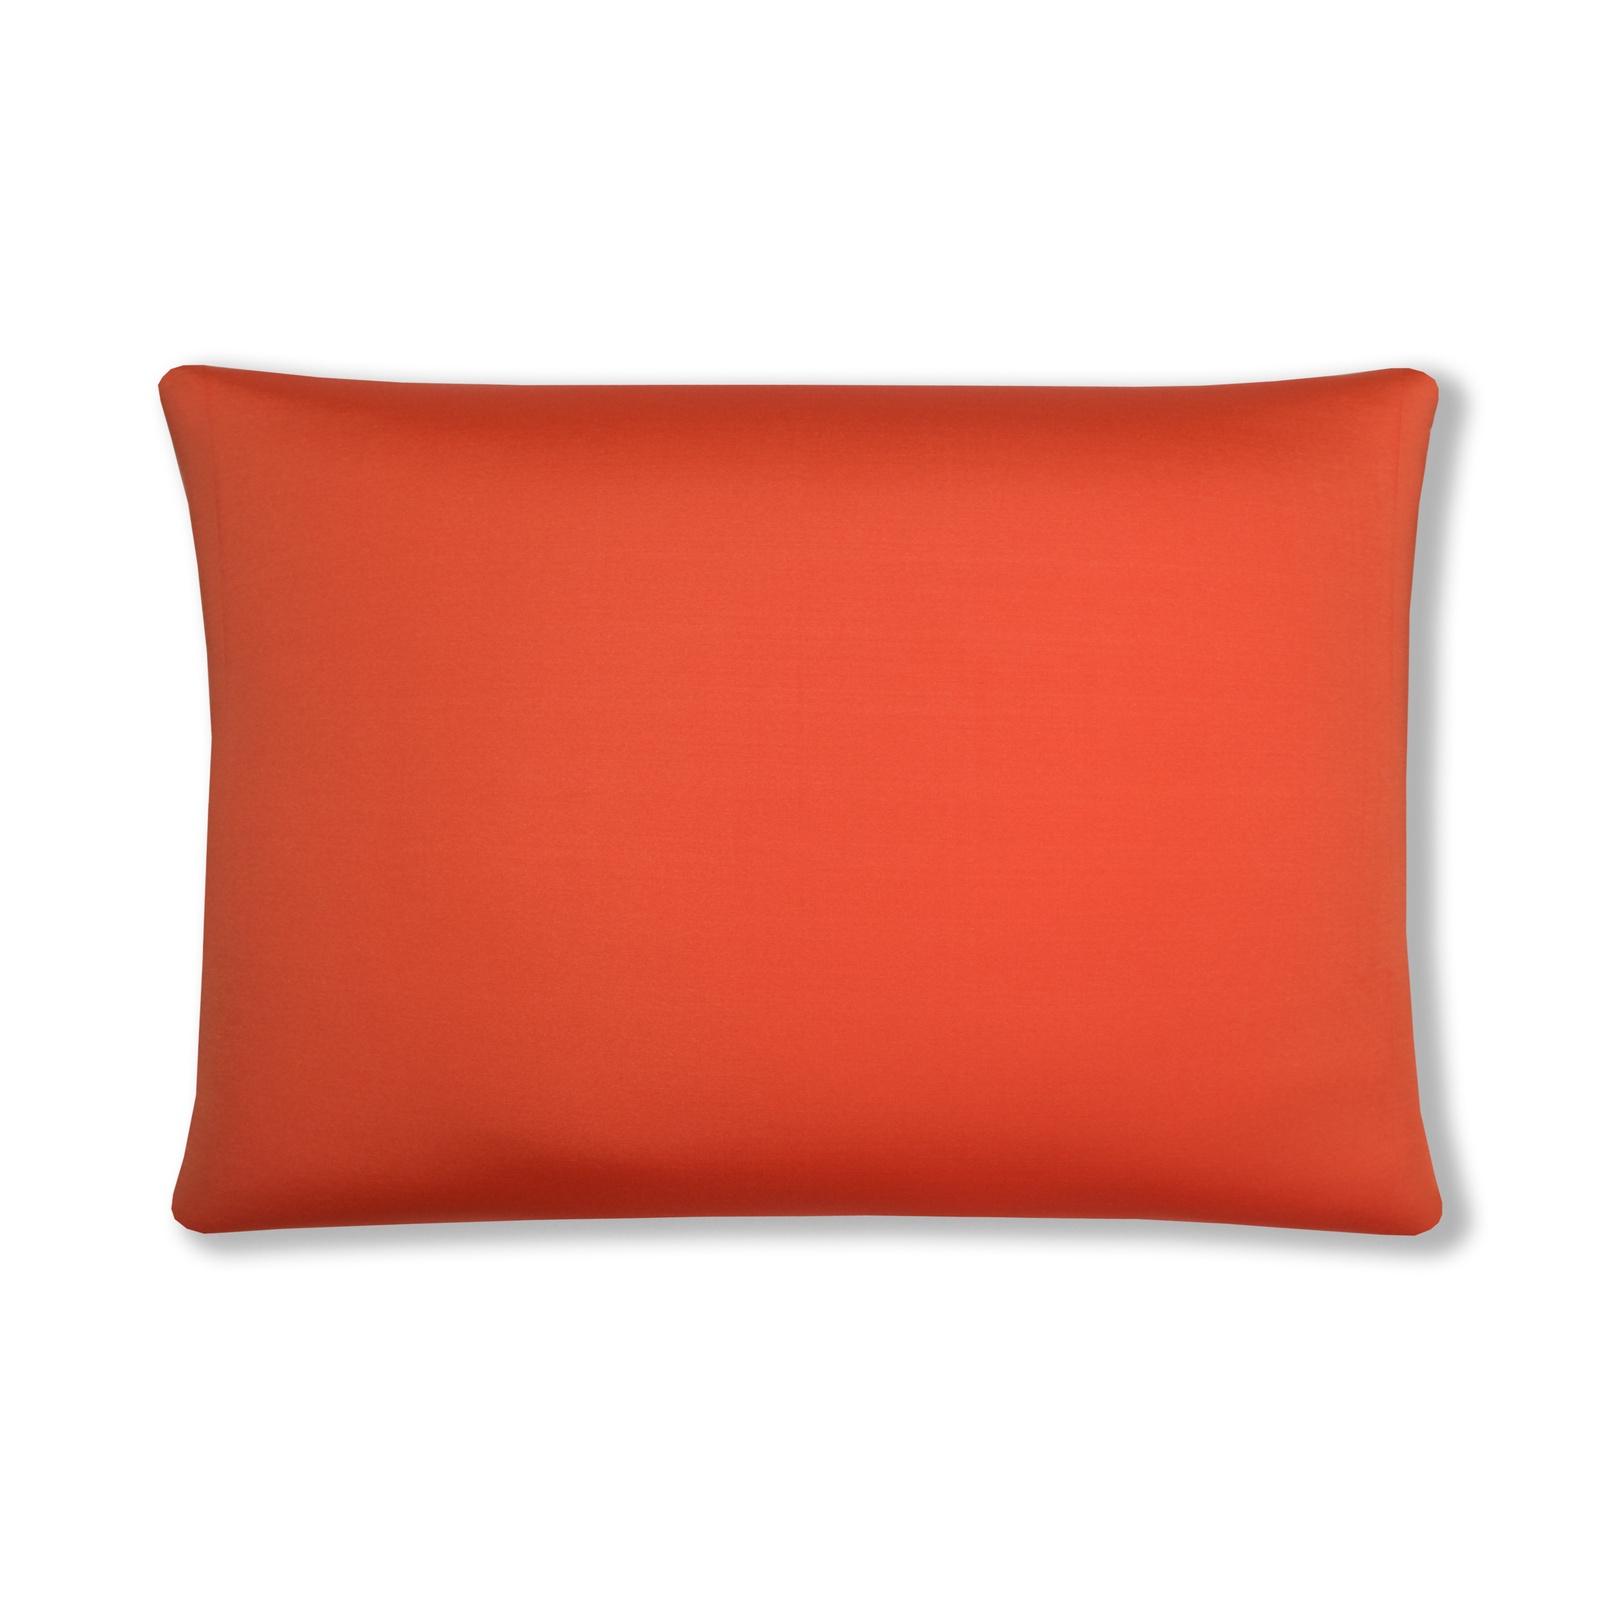 Подушка антистрессовая Штучки, к которым тянутся ручки Дачница, цвет: оранжевый, 40 x 30 см подушка антистрессовая штучки к которым тянутся ручки смайл мордочки цвет оранжевый 31 x 31 см